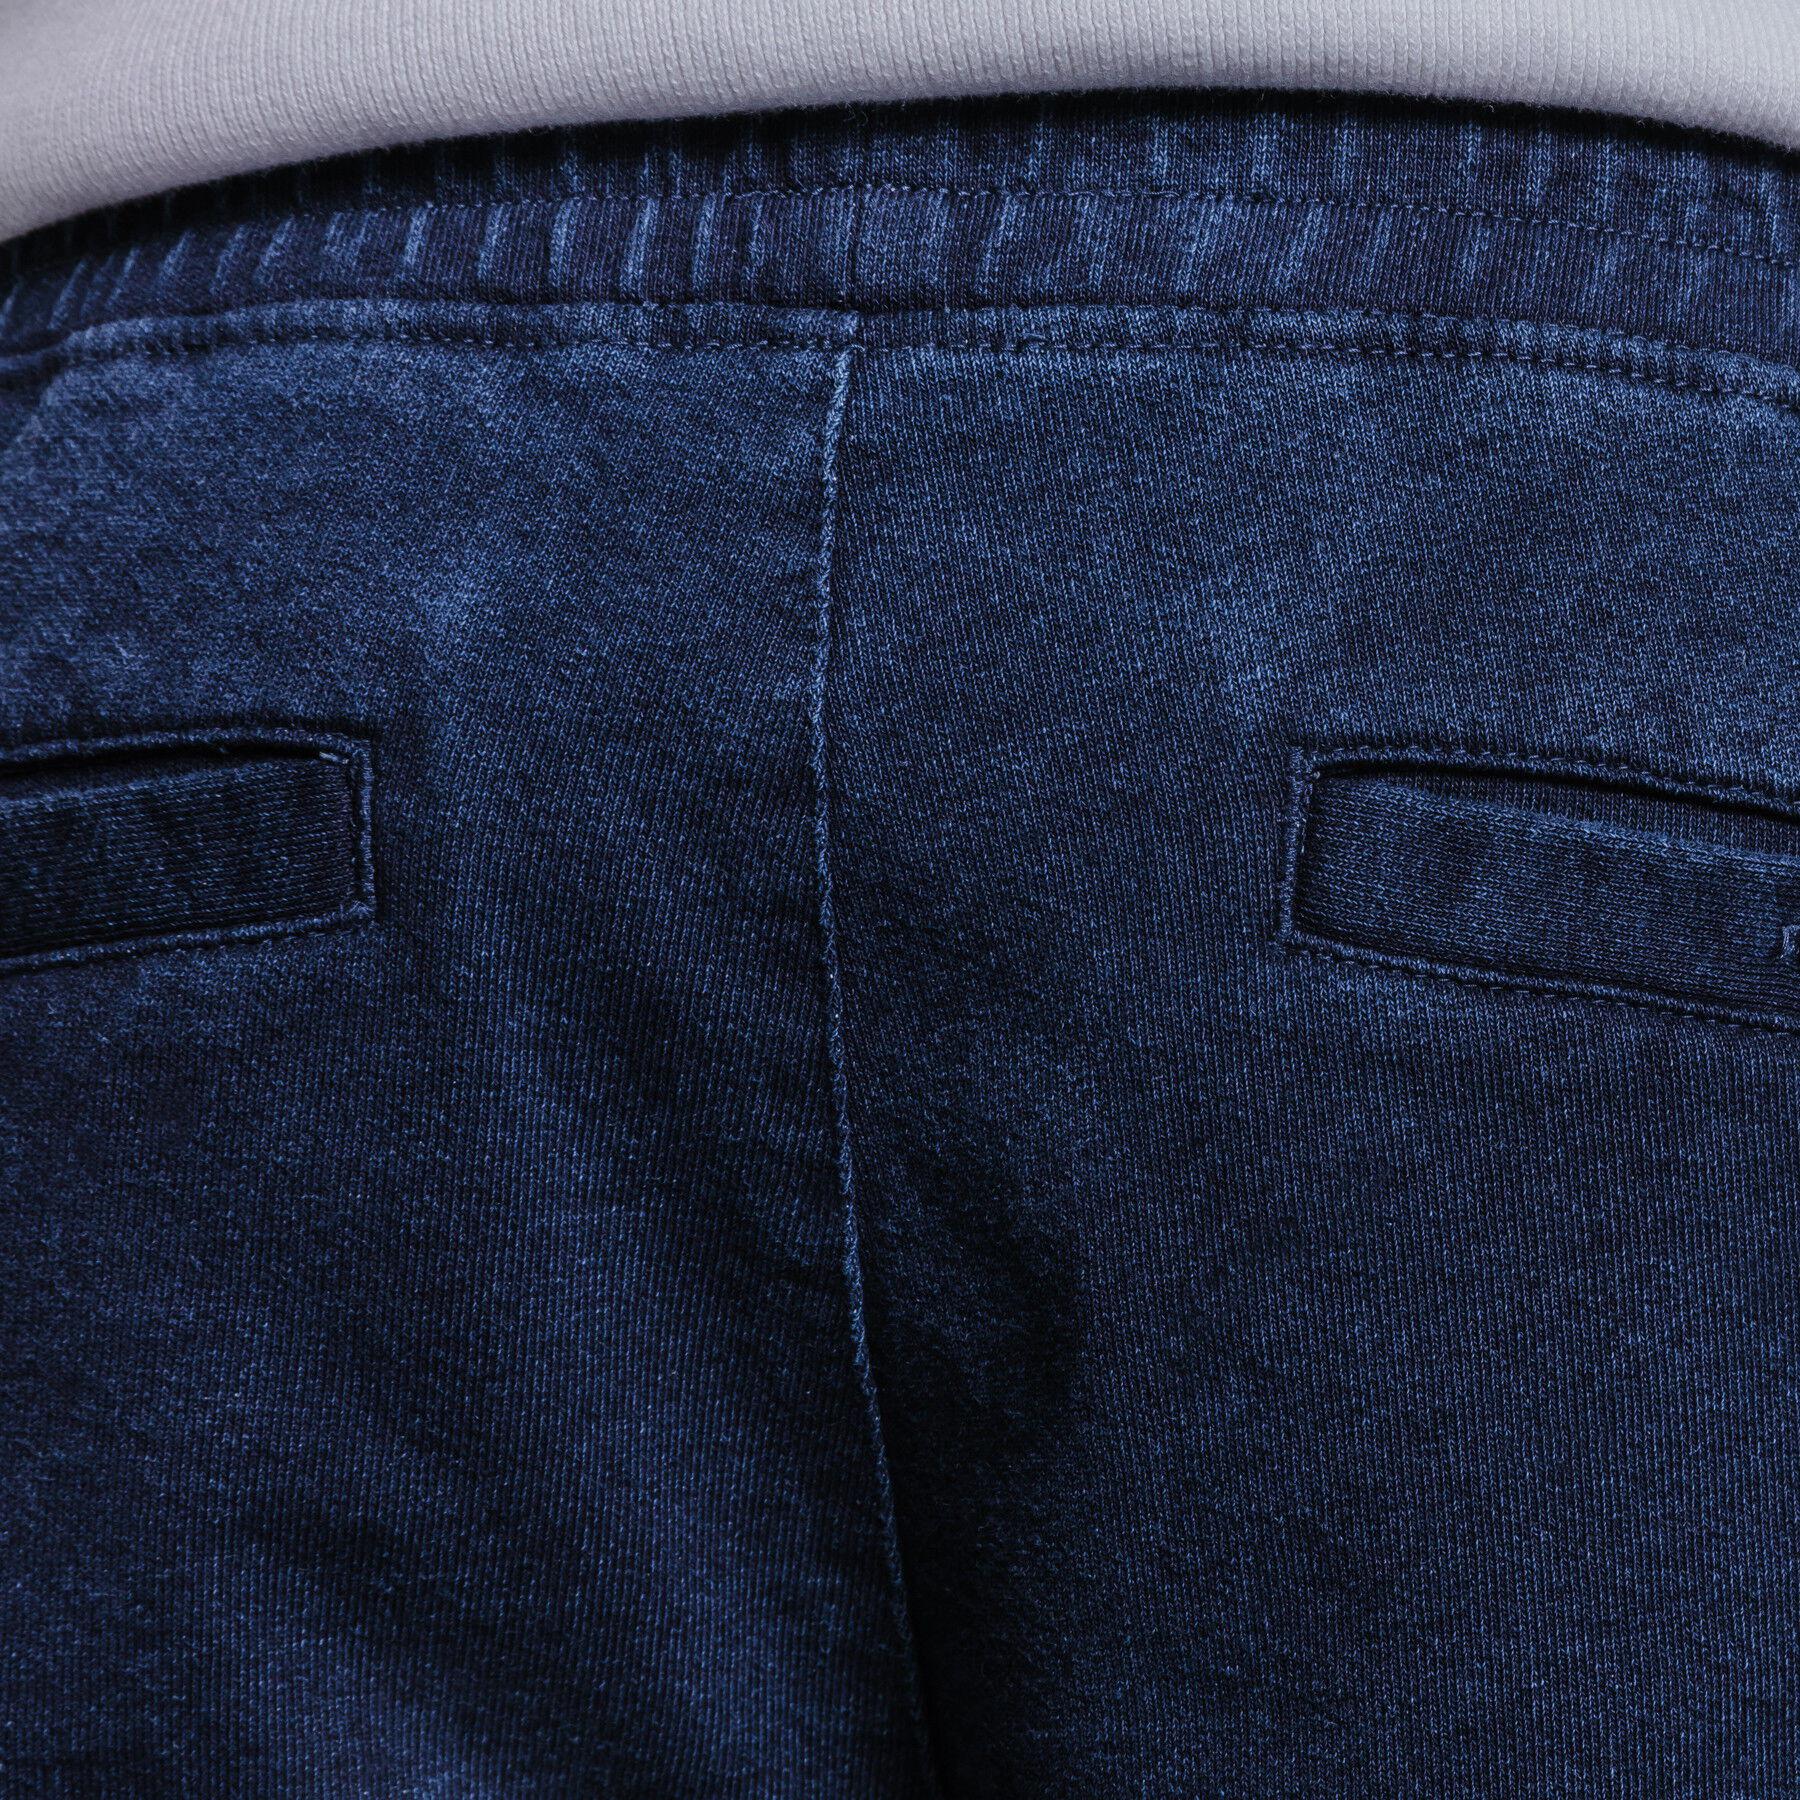 pantalon jogging en maille bleu indigo homme jules. Black Bedroom Furniture Sets. Home Design Ideas